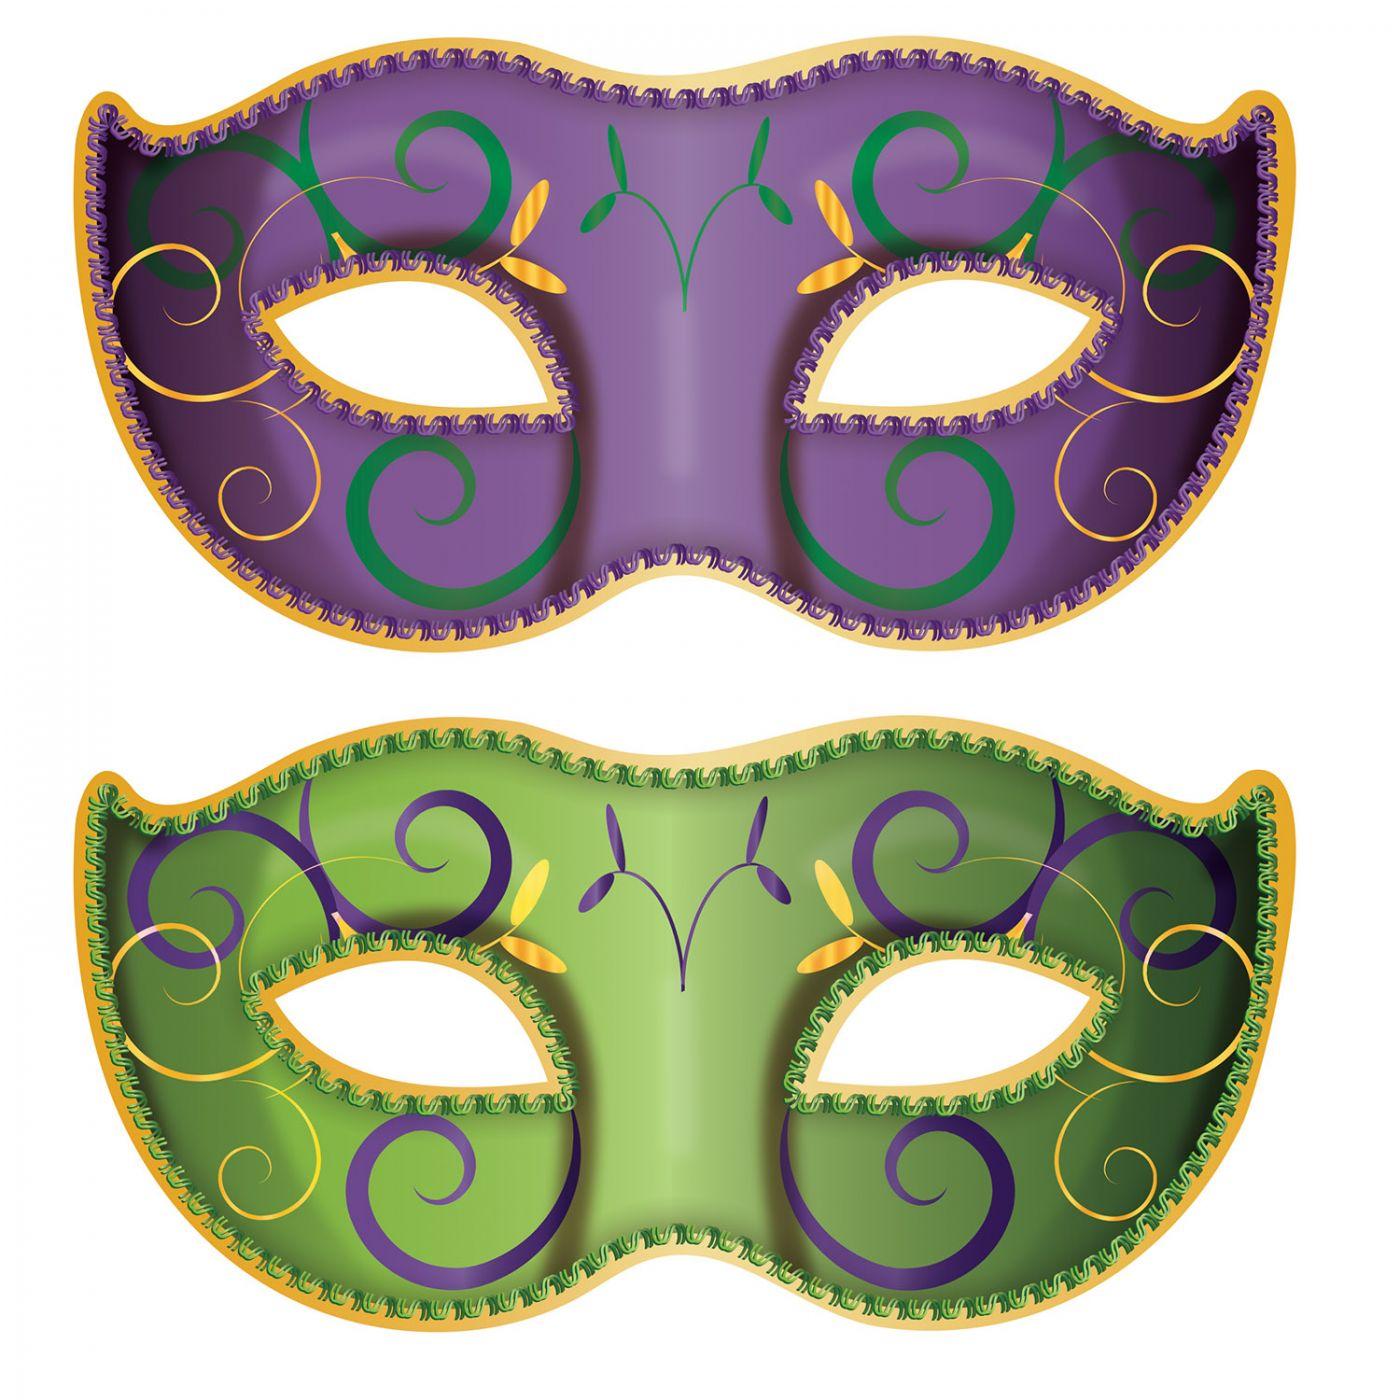 Jumbo Mardi Gras Mask Cutouts image